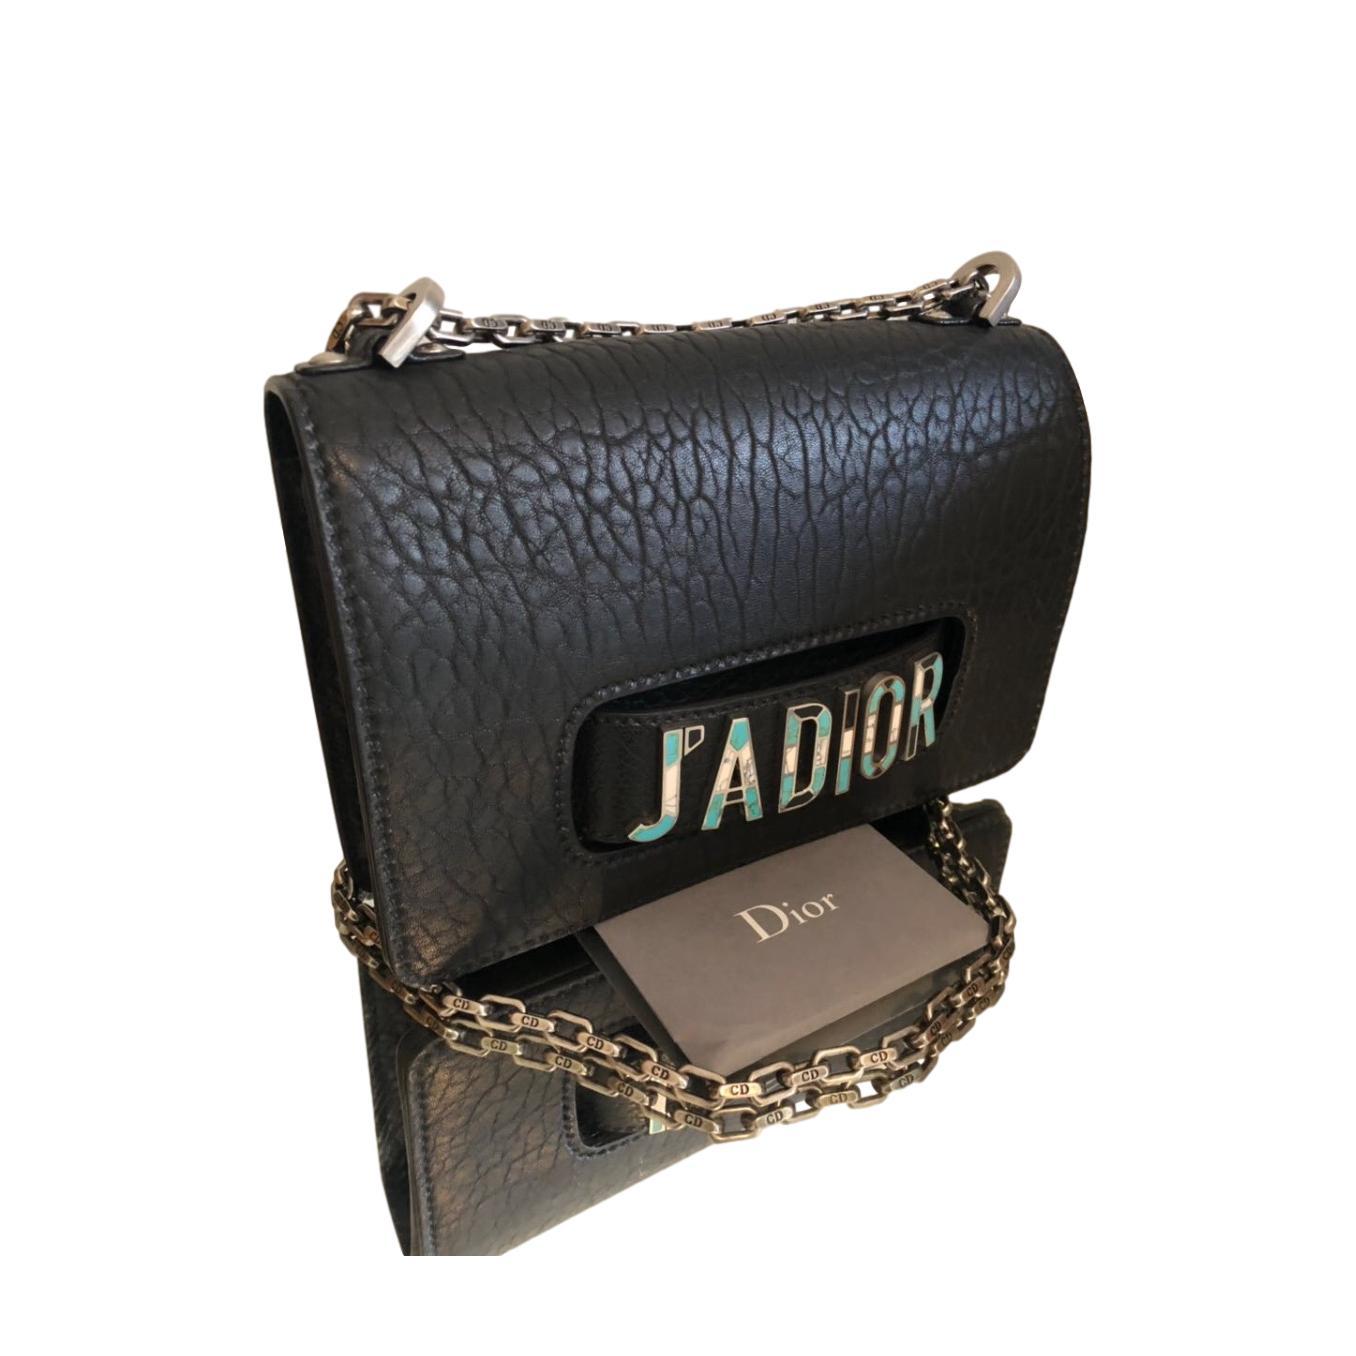 c0deda77b220 Купить деловую сумку Christian Dior за 186020 руб. в интернет ...